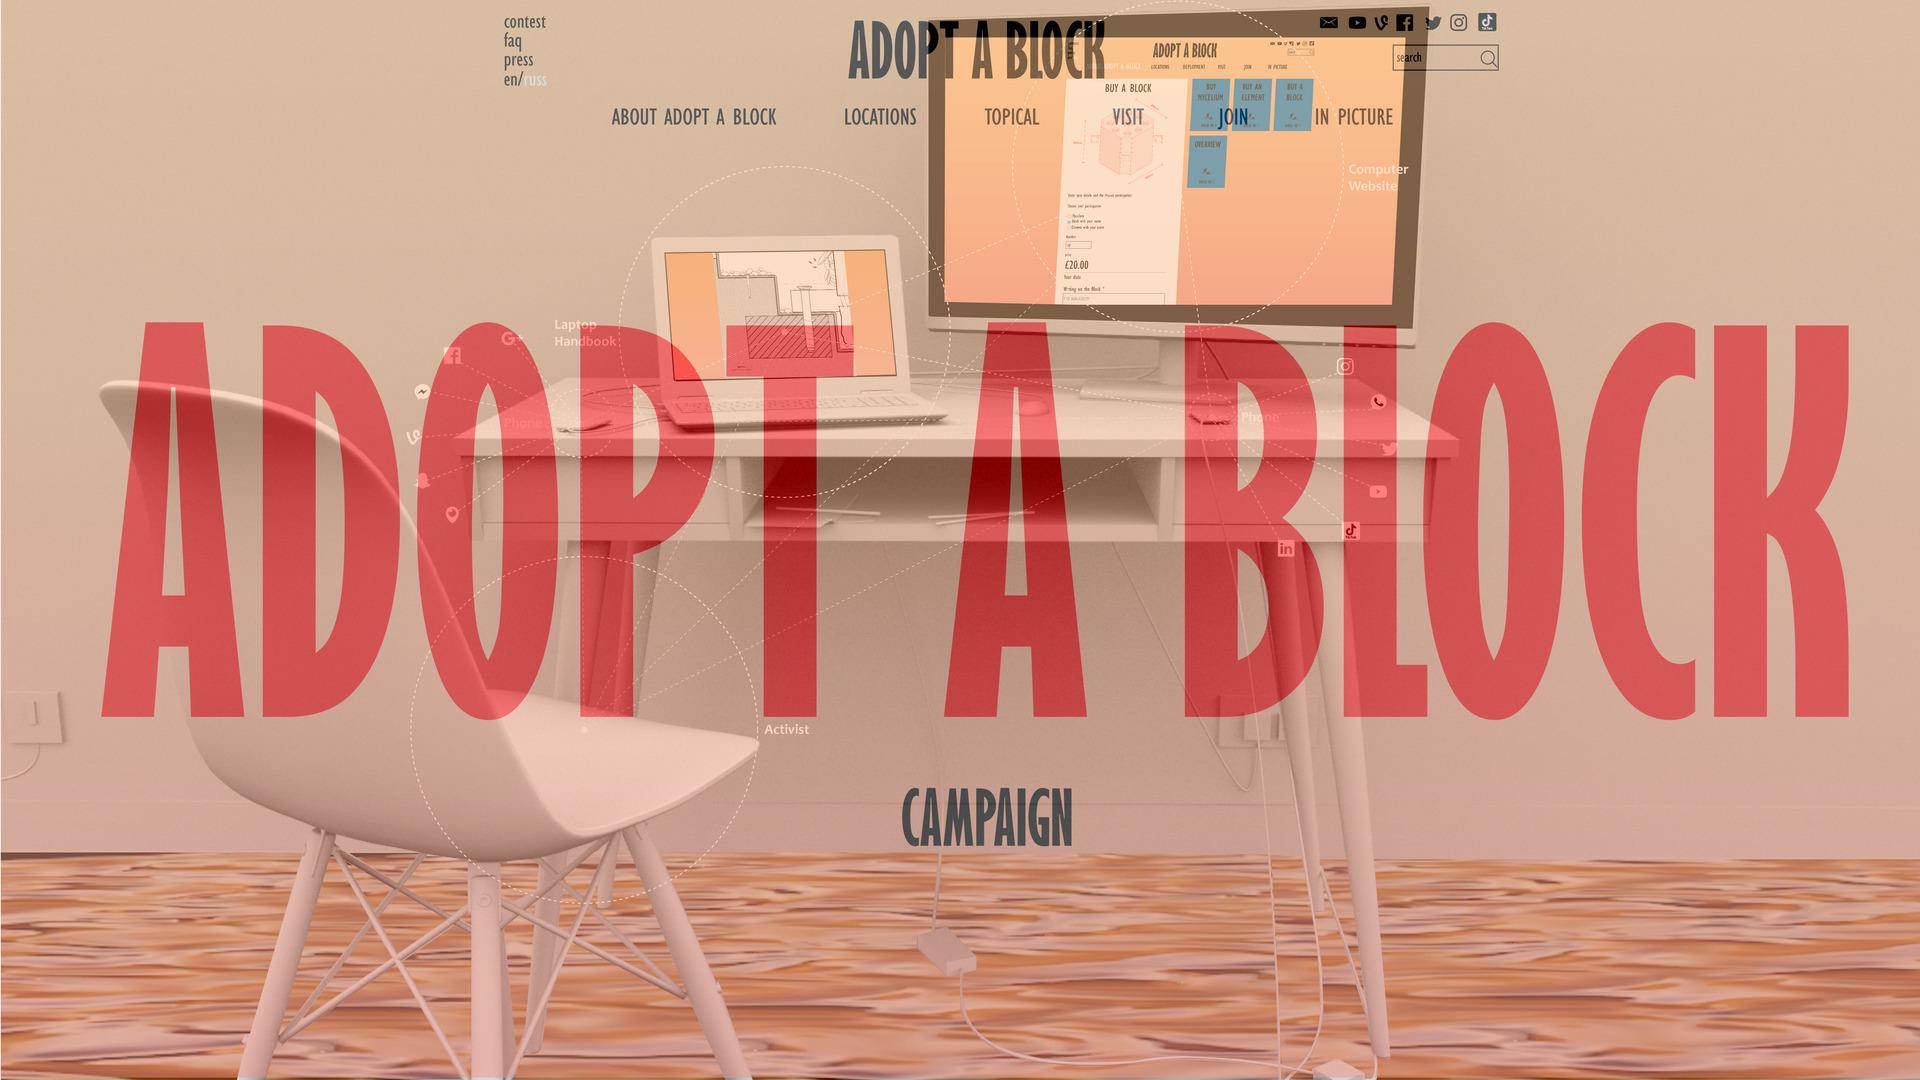 ADOPT A BLOCK CAMPAIGN